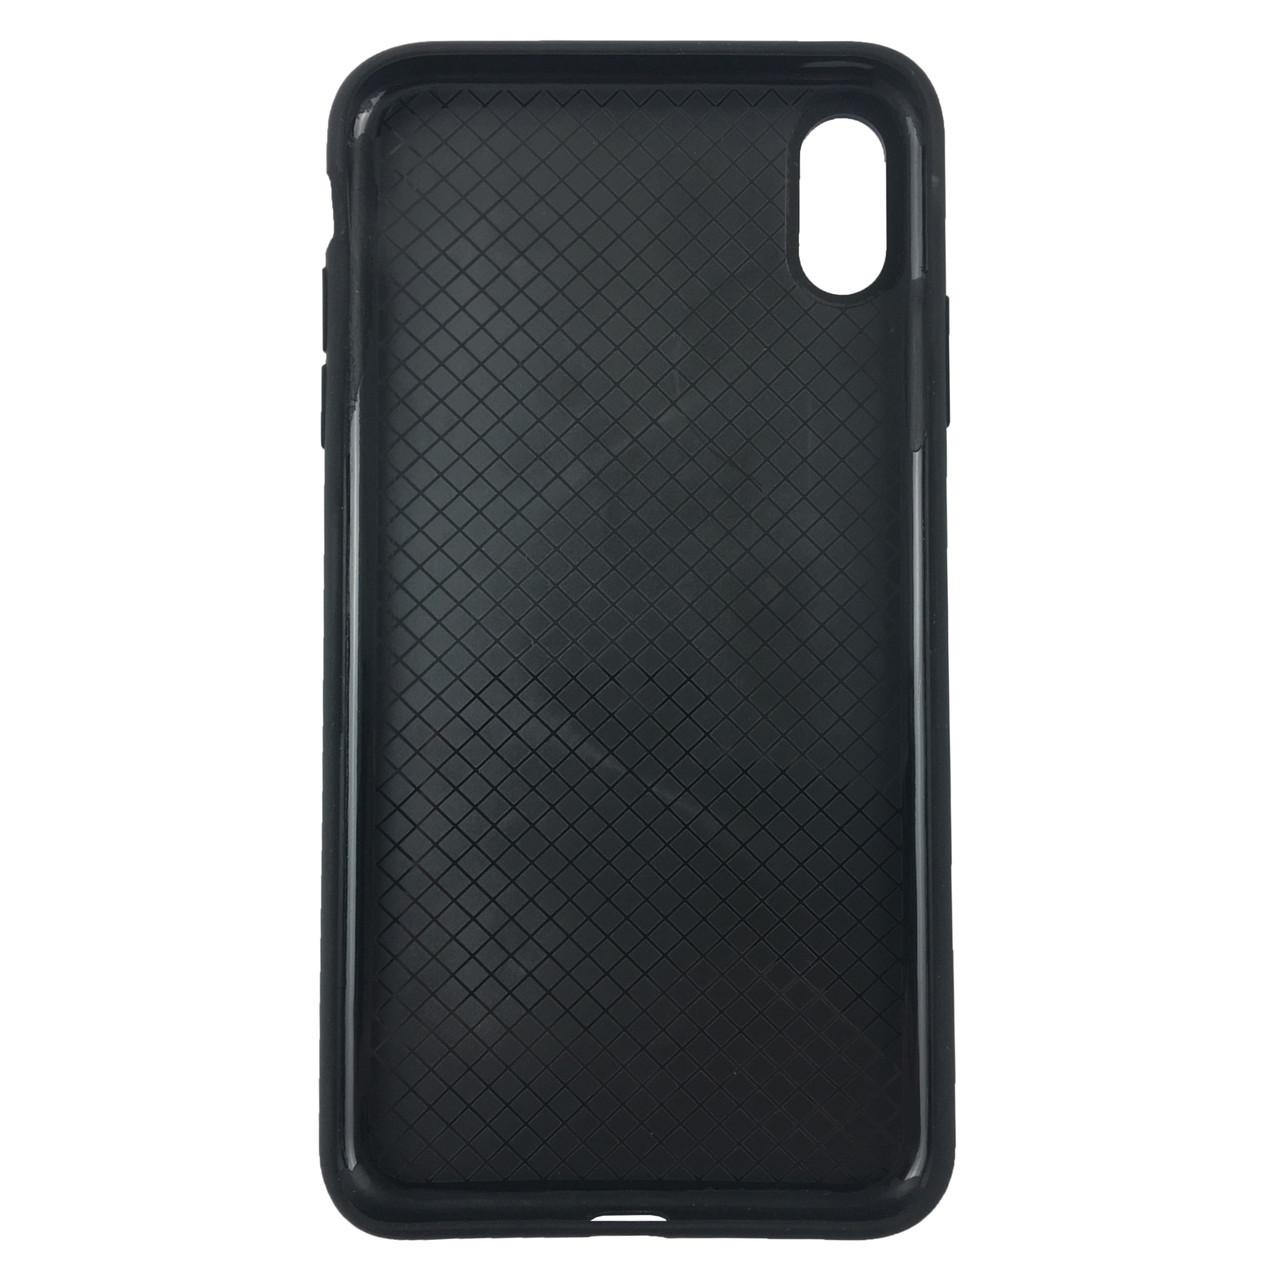 Чехол накладка xCase для iPhone X/XS Silicone Slim Case Black